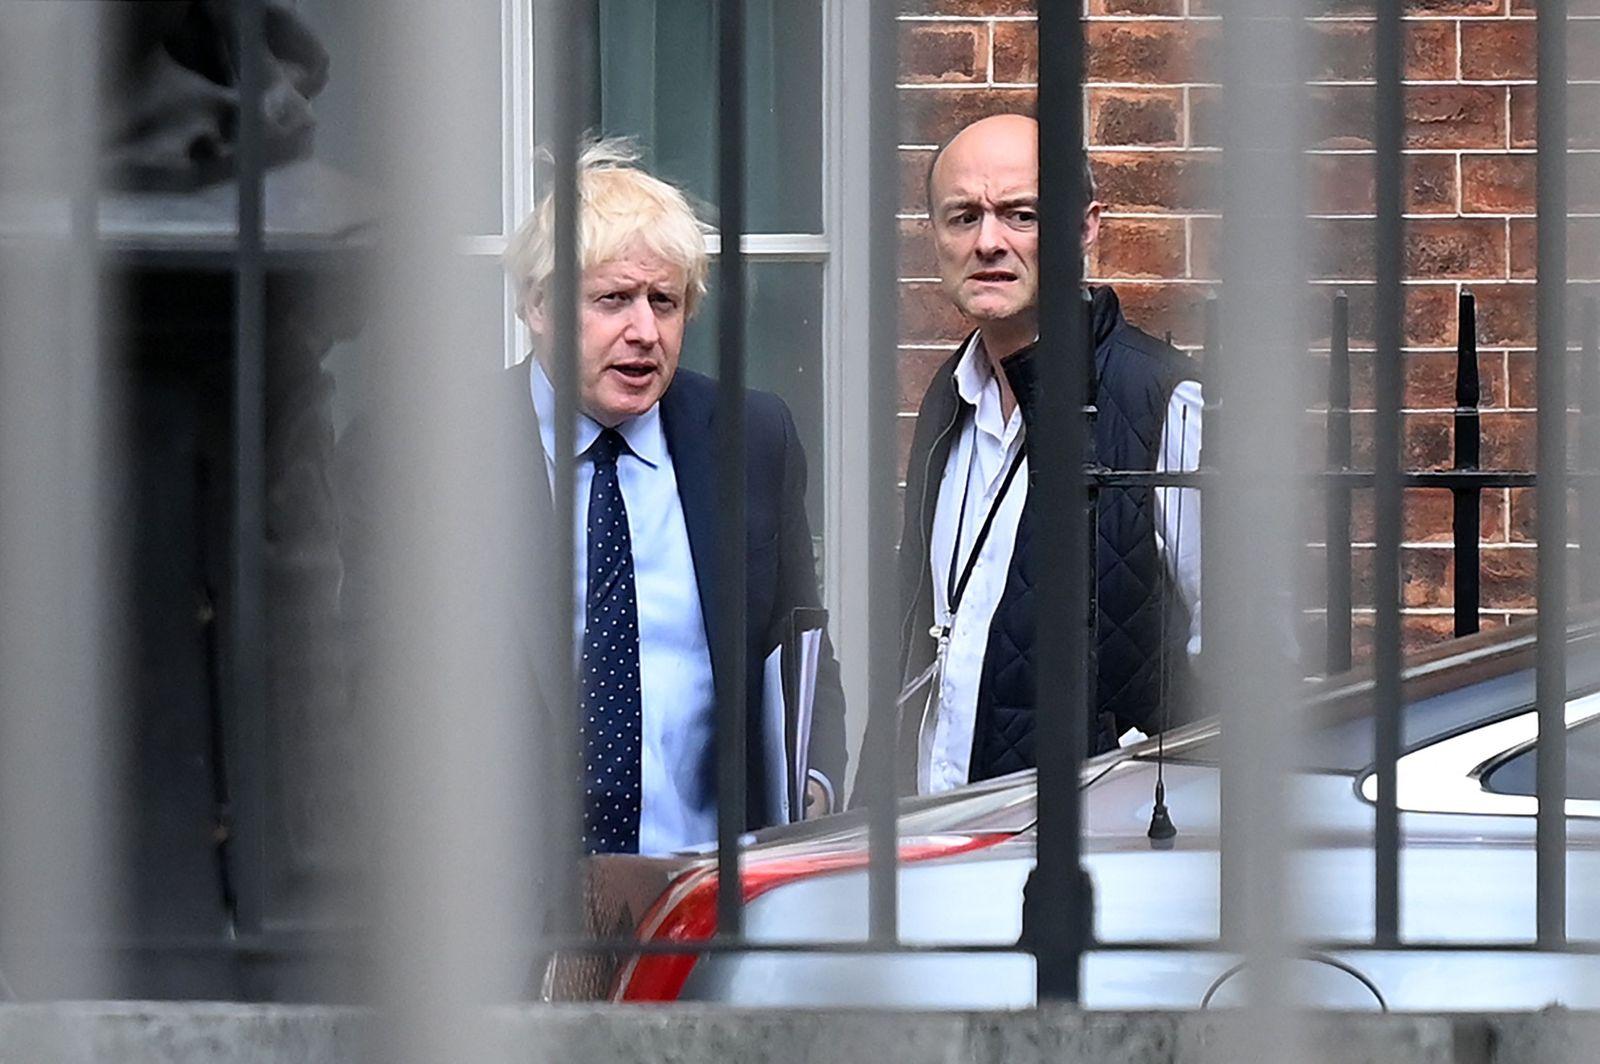 FILES-BRITAIN-POLITICS-JOHNSON-CUMMINGS